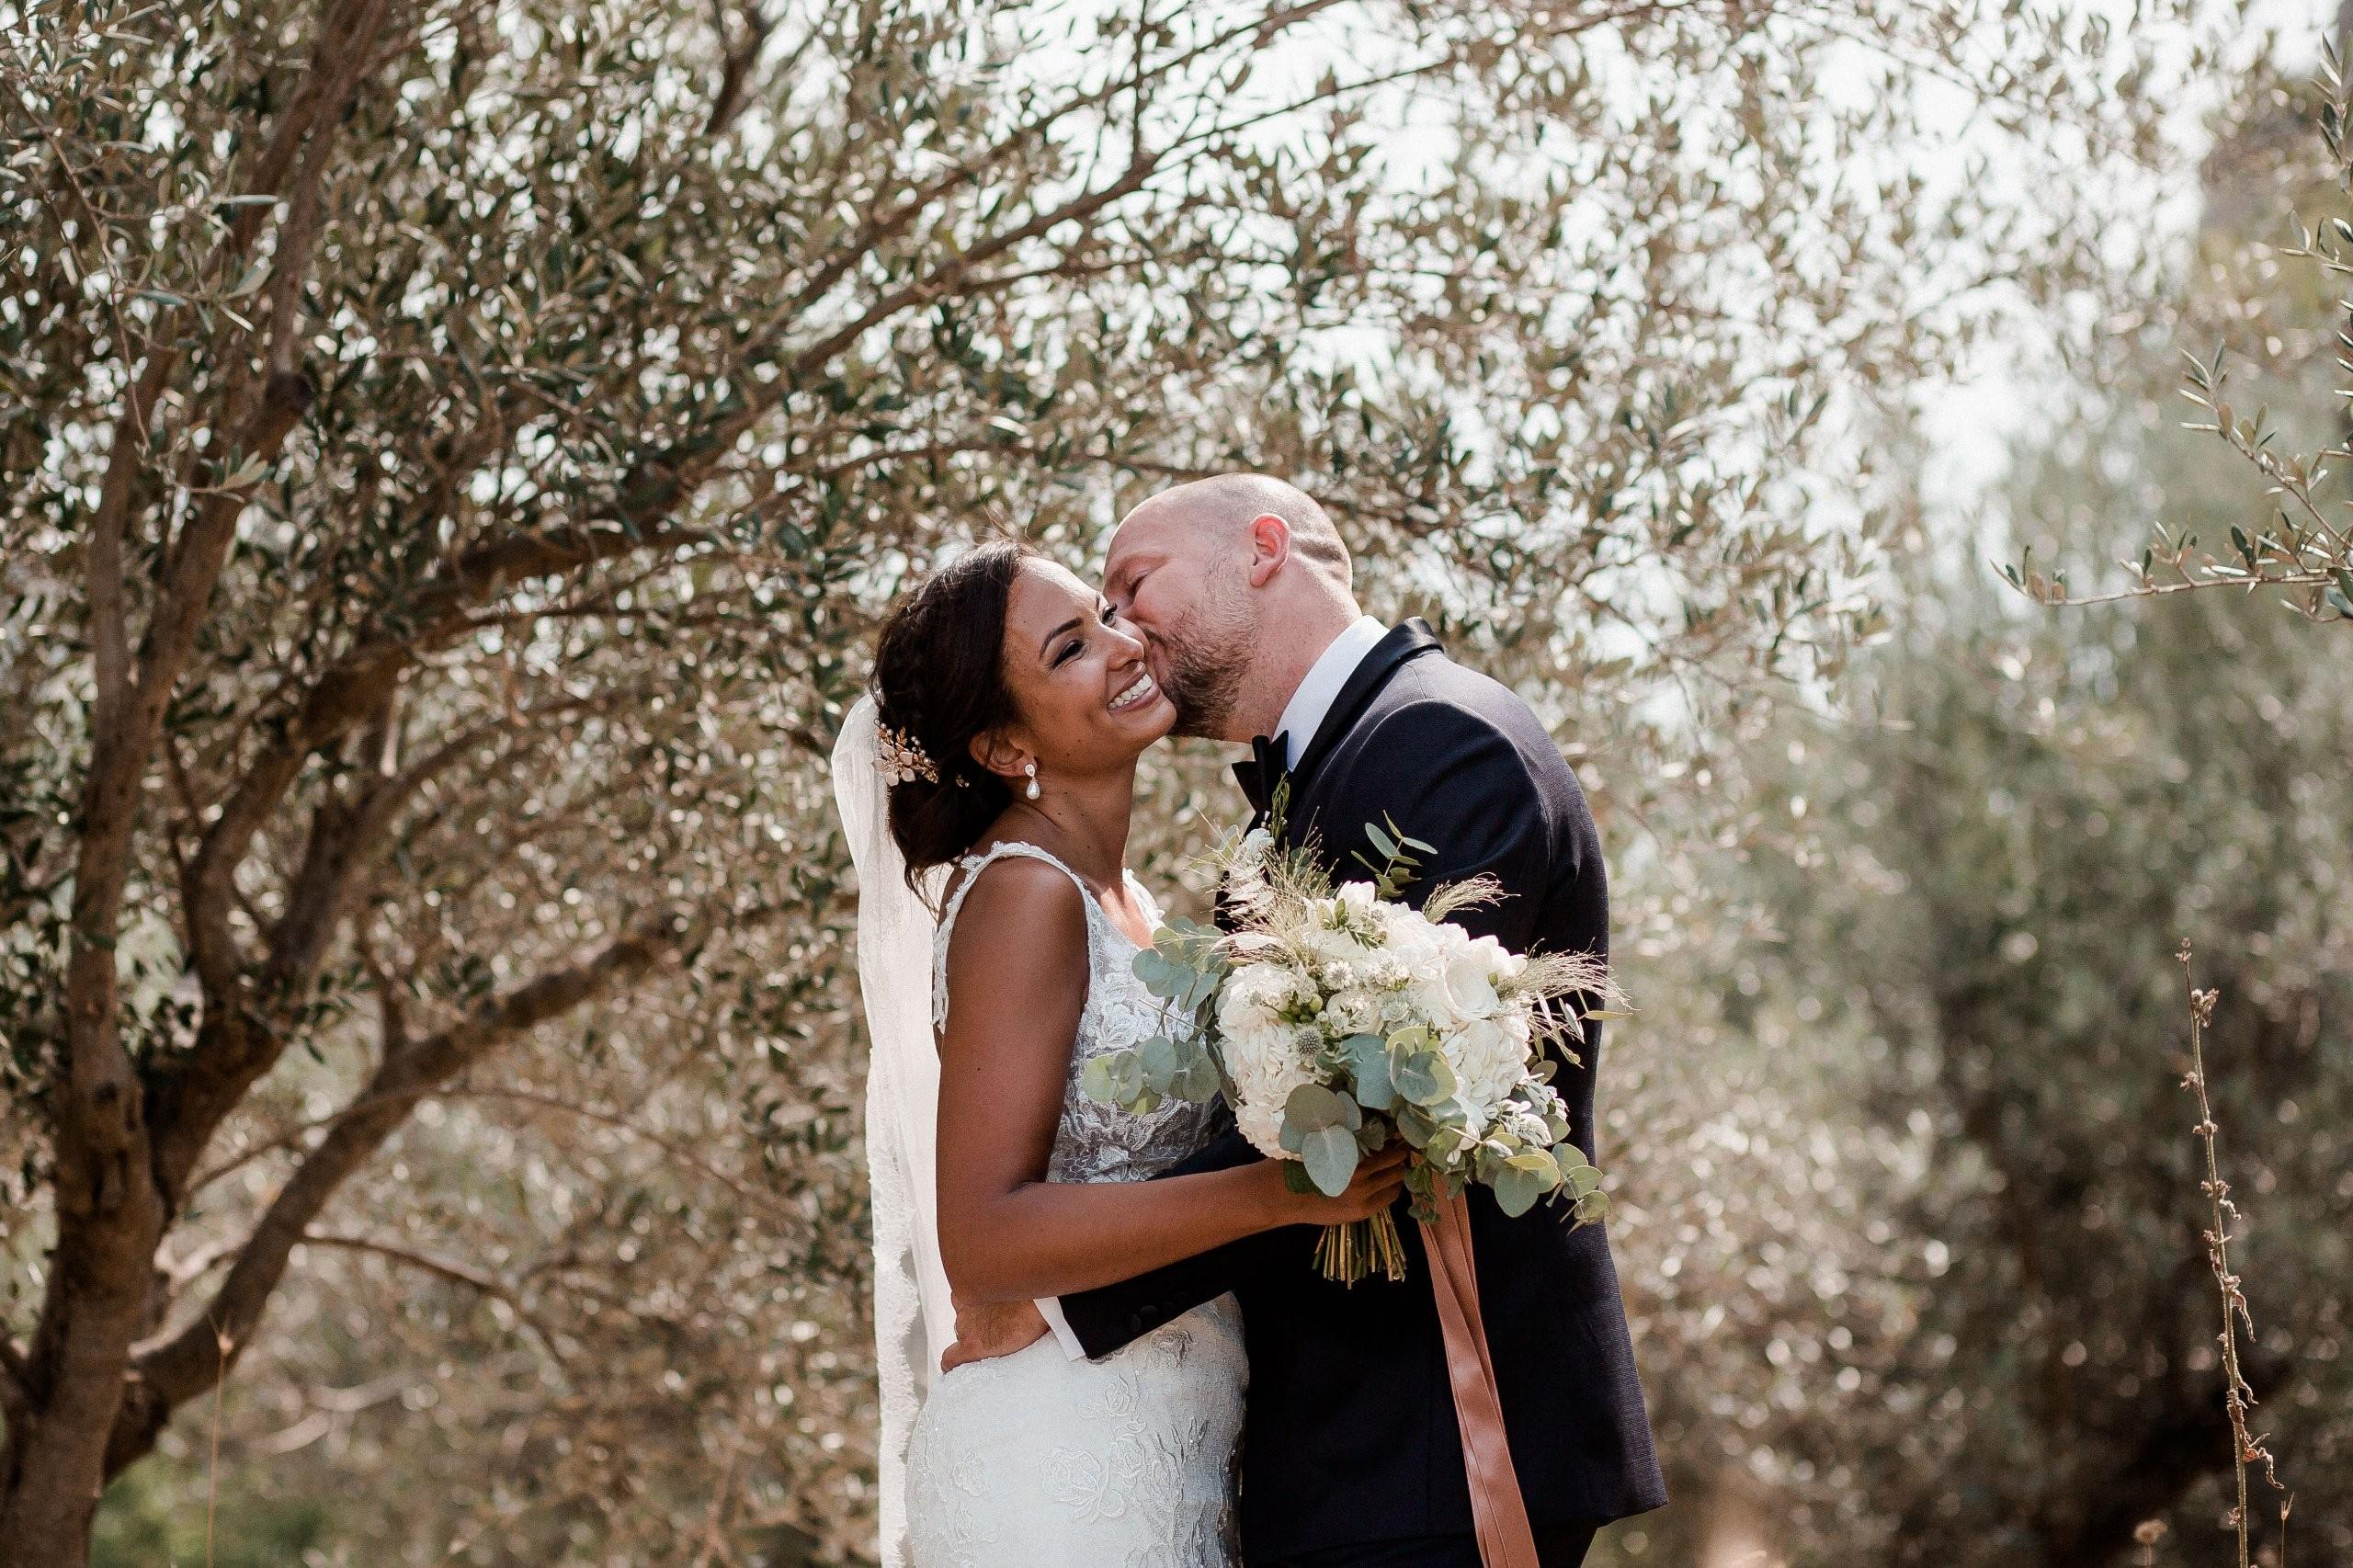 Aida + Tim | Hochzeitsfotografen am Bodensee 2020 Specials